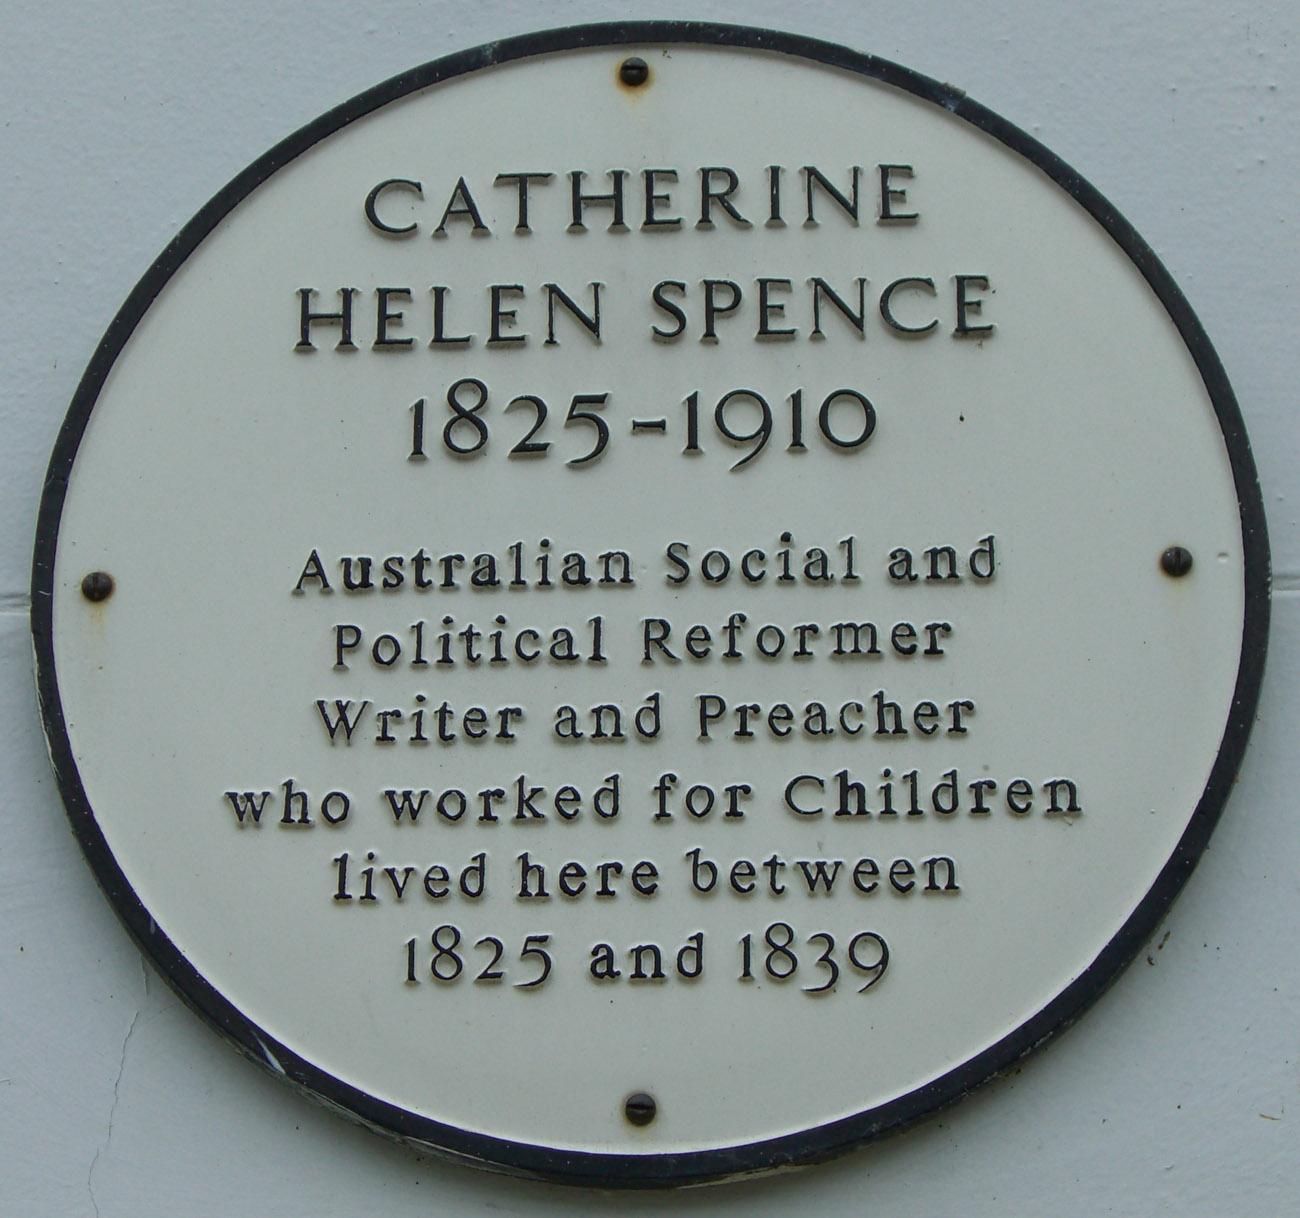 Helen Spence